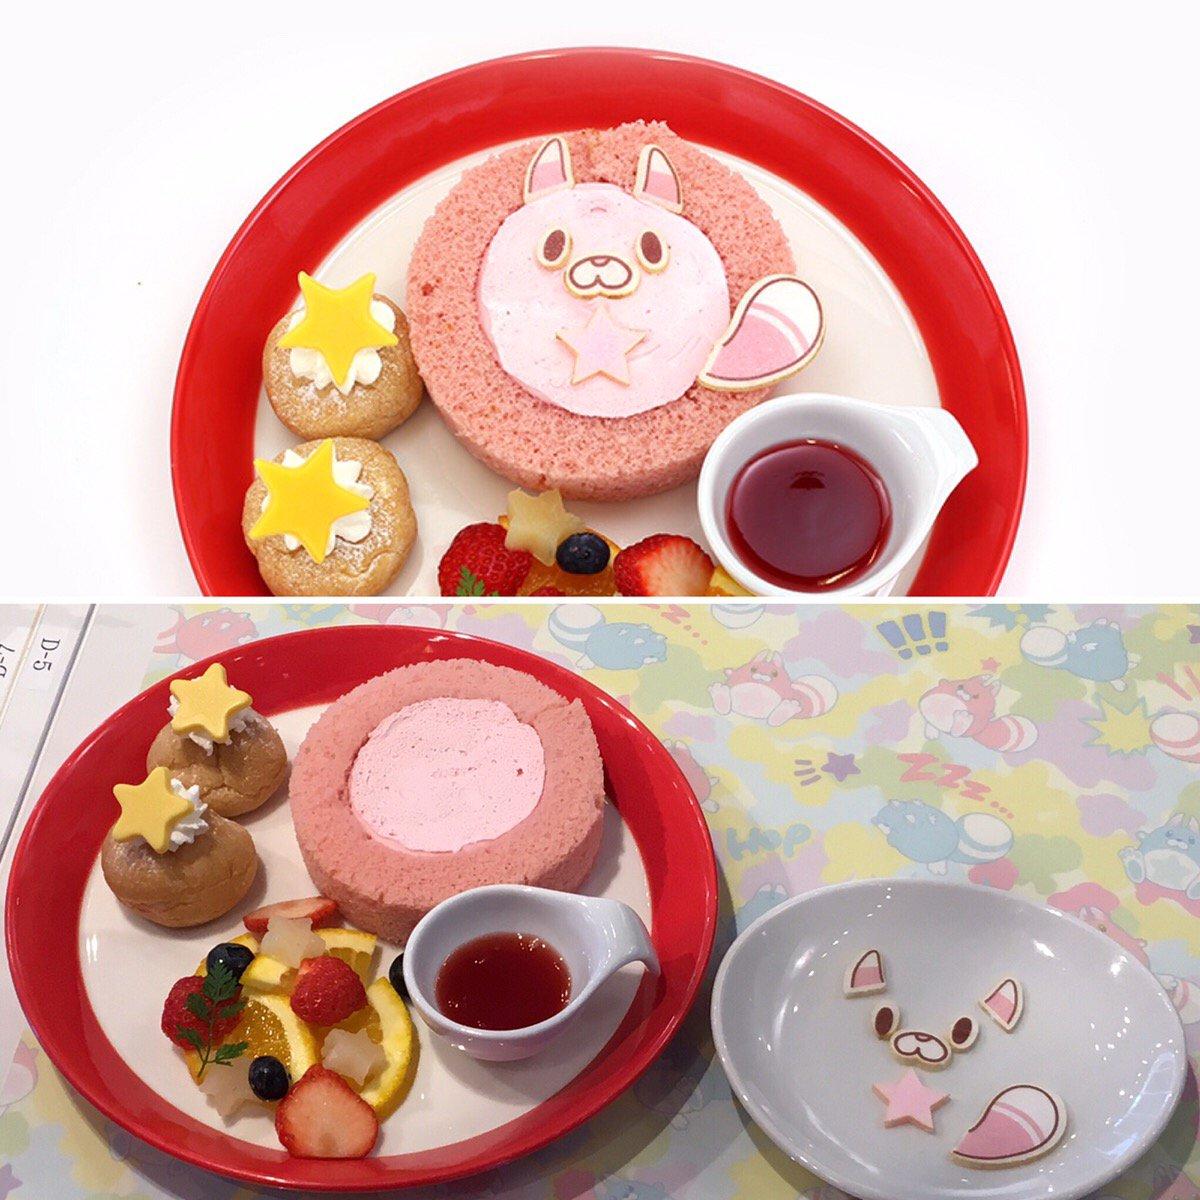 【白猫】「星たぬきカフェin原宿」が本日いよいよオープン!ツキミたちが原宿ファッションでお出迎え、店内は星たぬきがいっぱい!【プロジェクト】